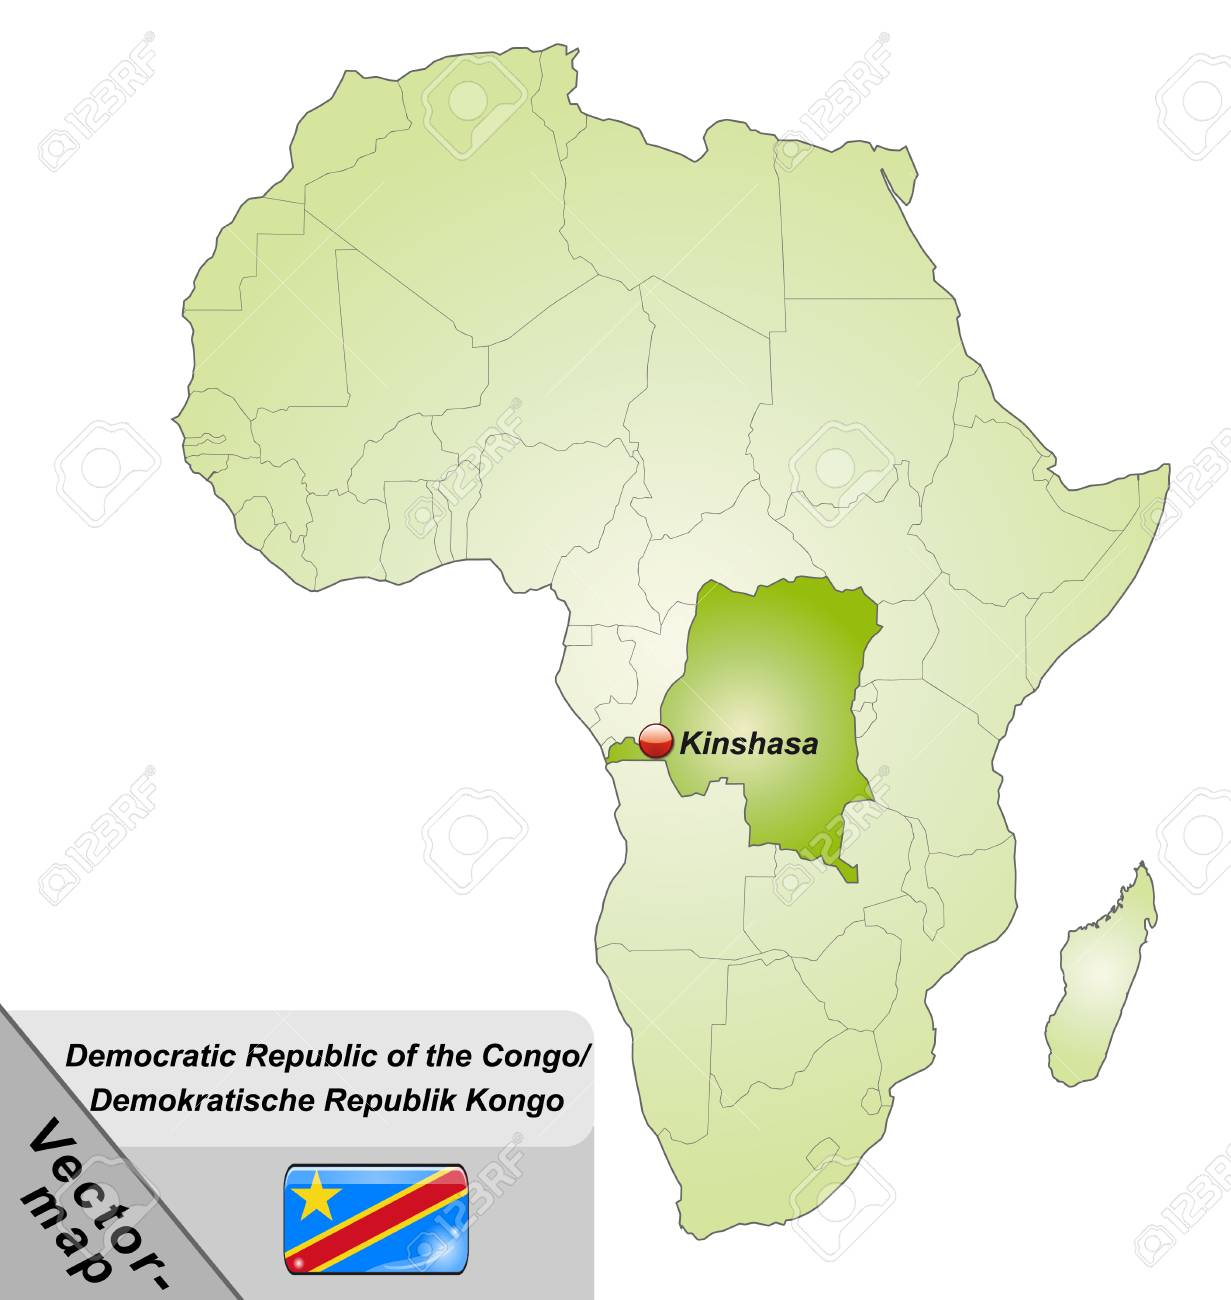 グリーンの主要都市とコンゴ民主共和国の地図のイラスト素材・ベクタ ...